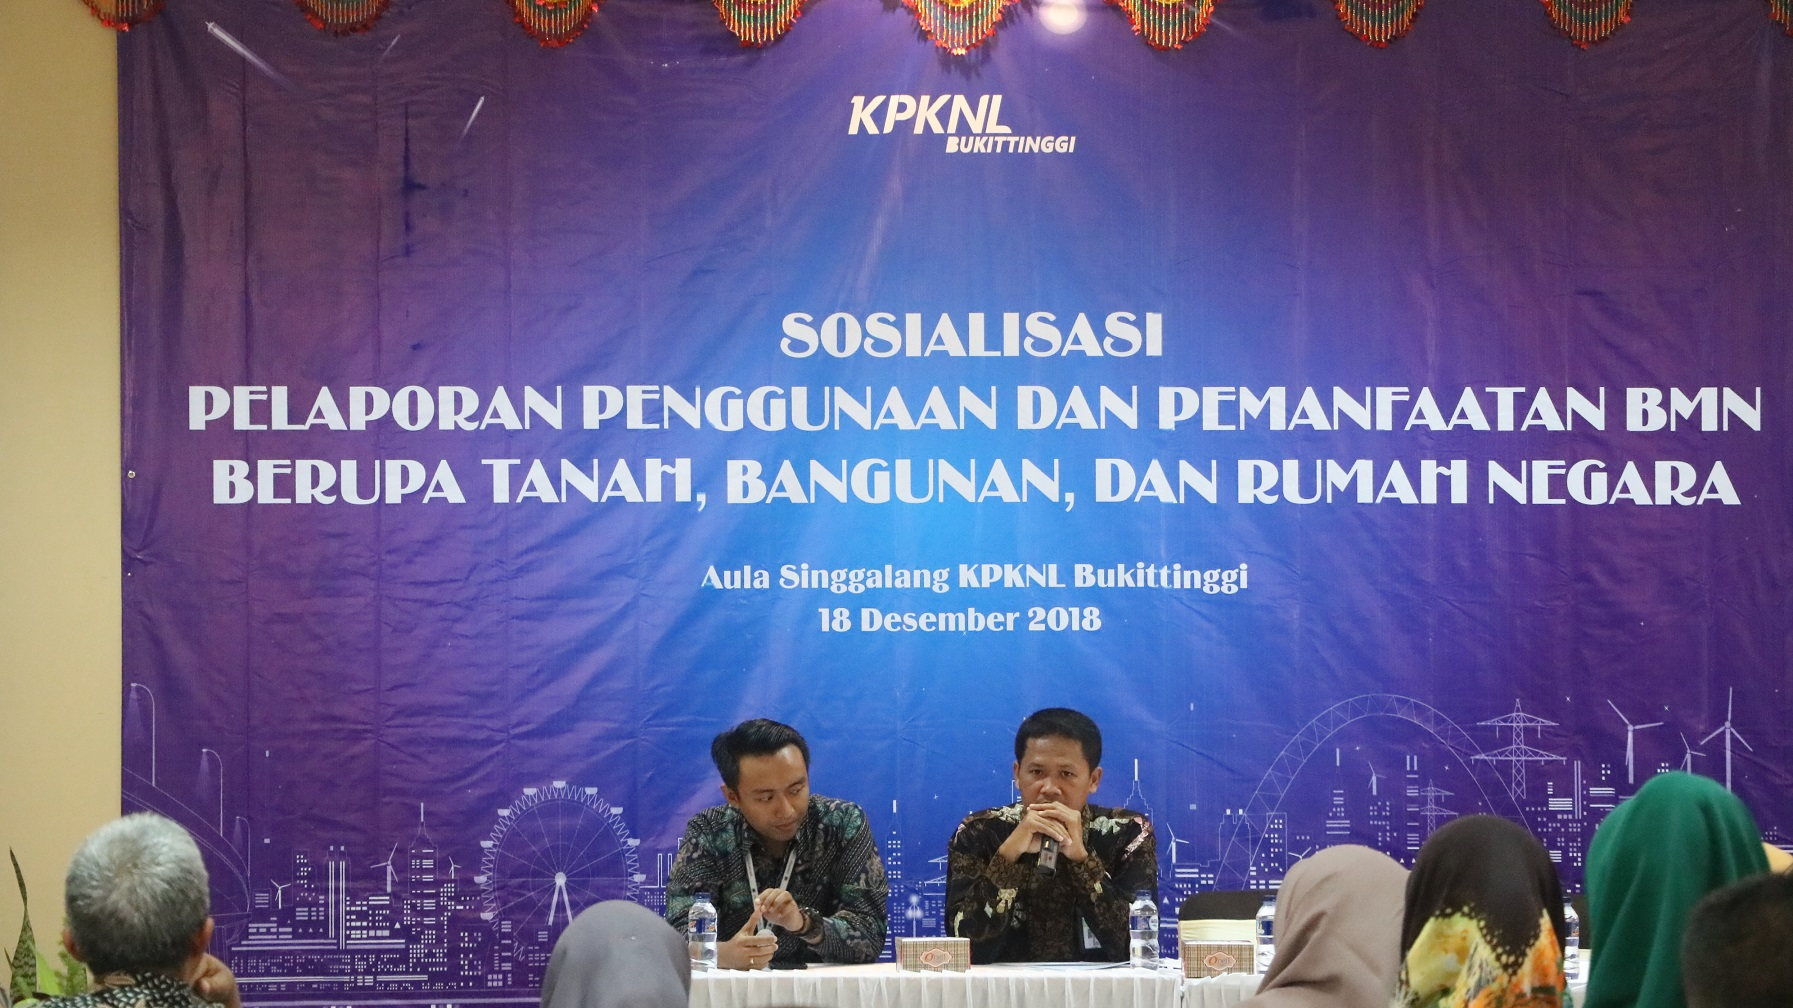 KPKNL Bukittinggi Adakan Sosialiasi Pelaporan BMN